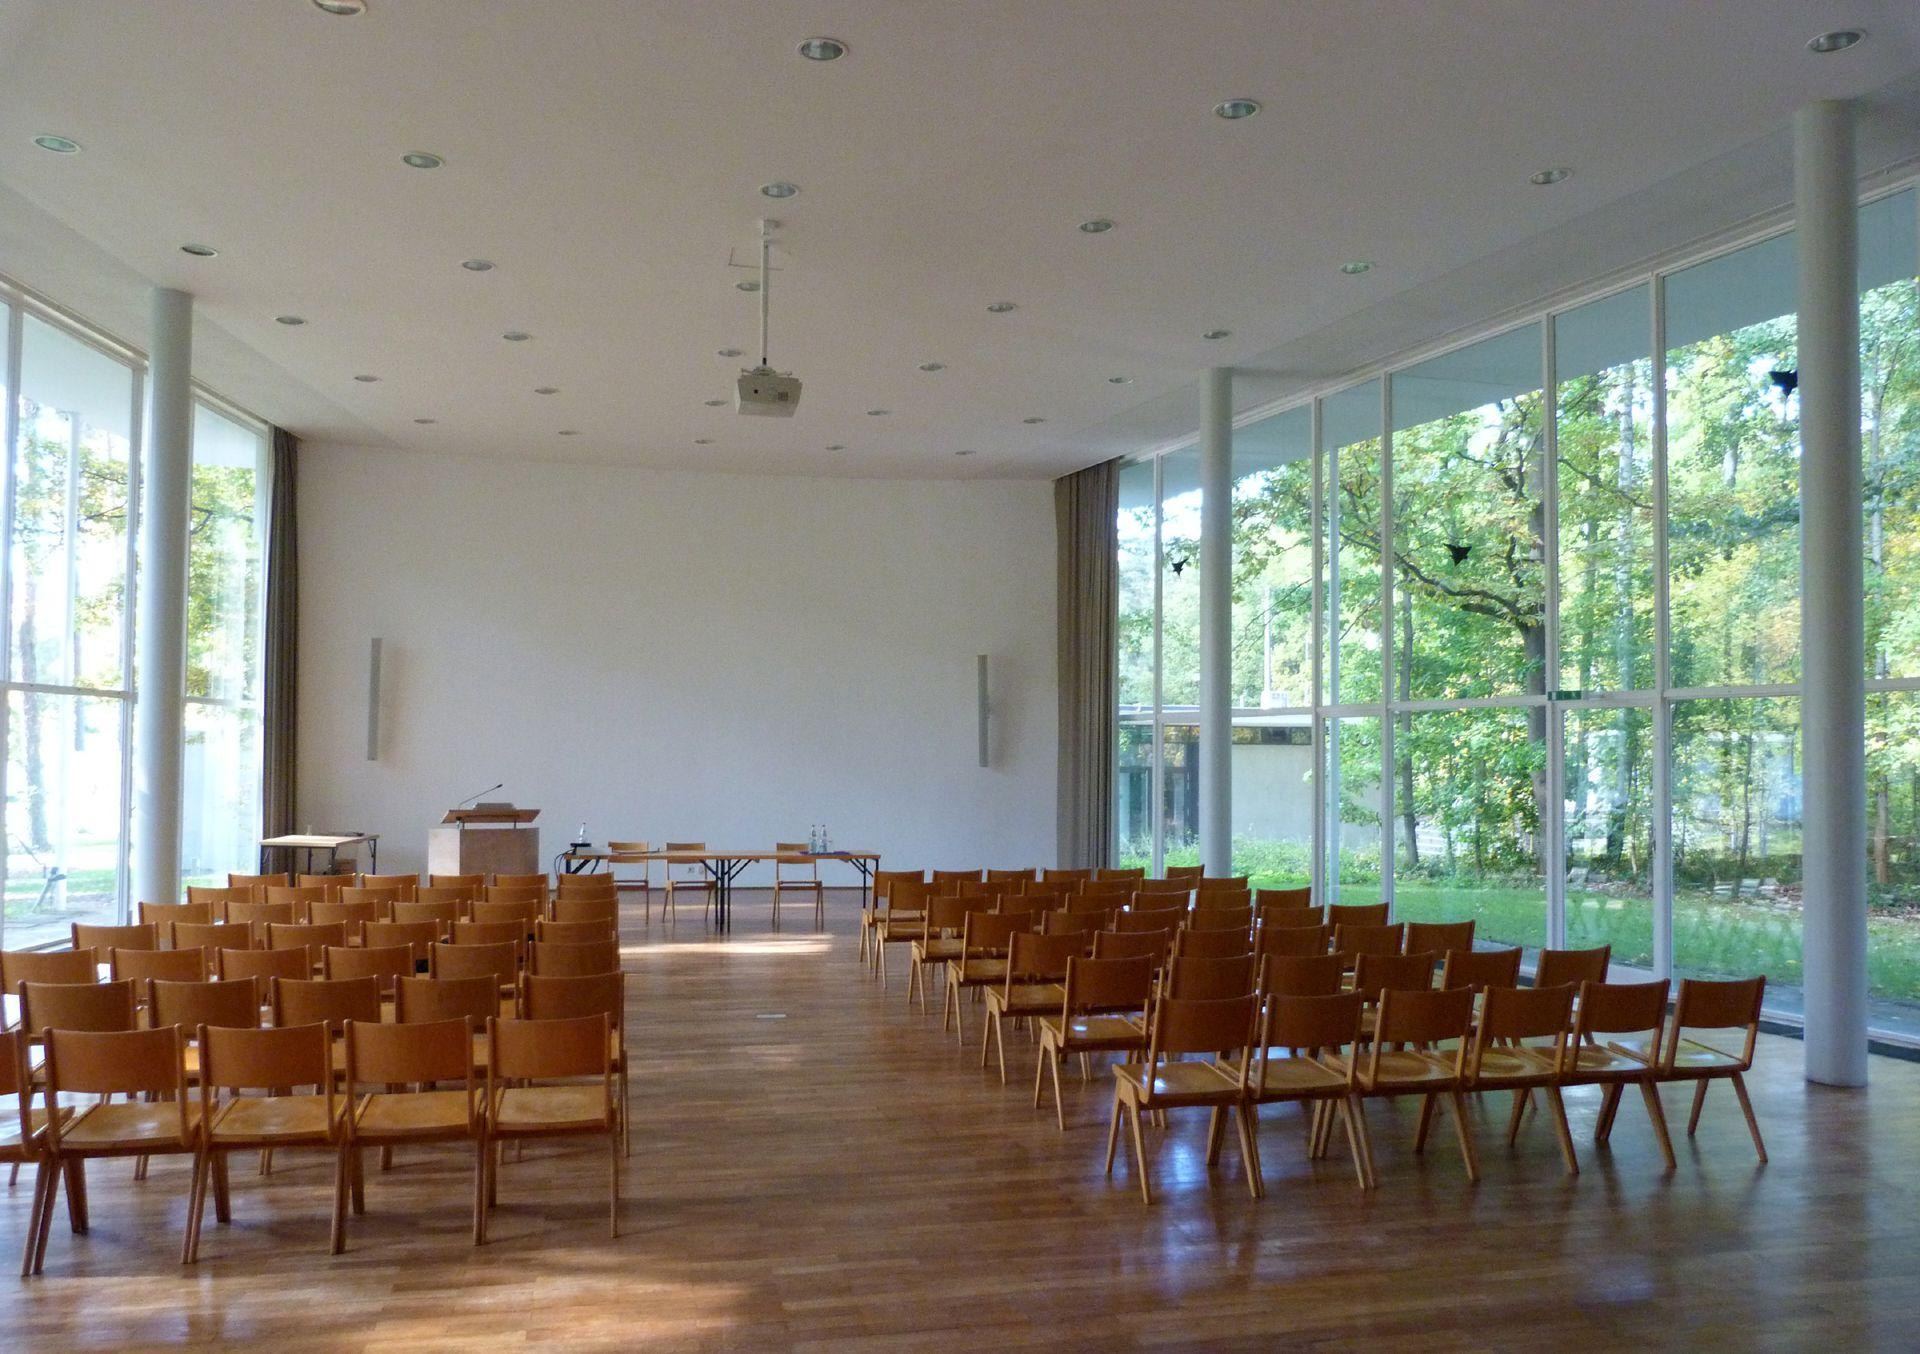 Akademie der Bildenden Künste Hörsaal